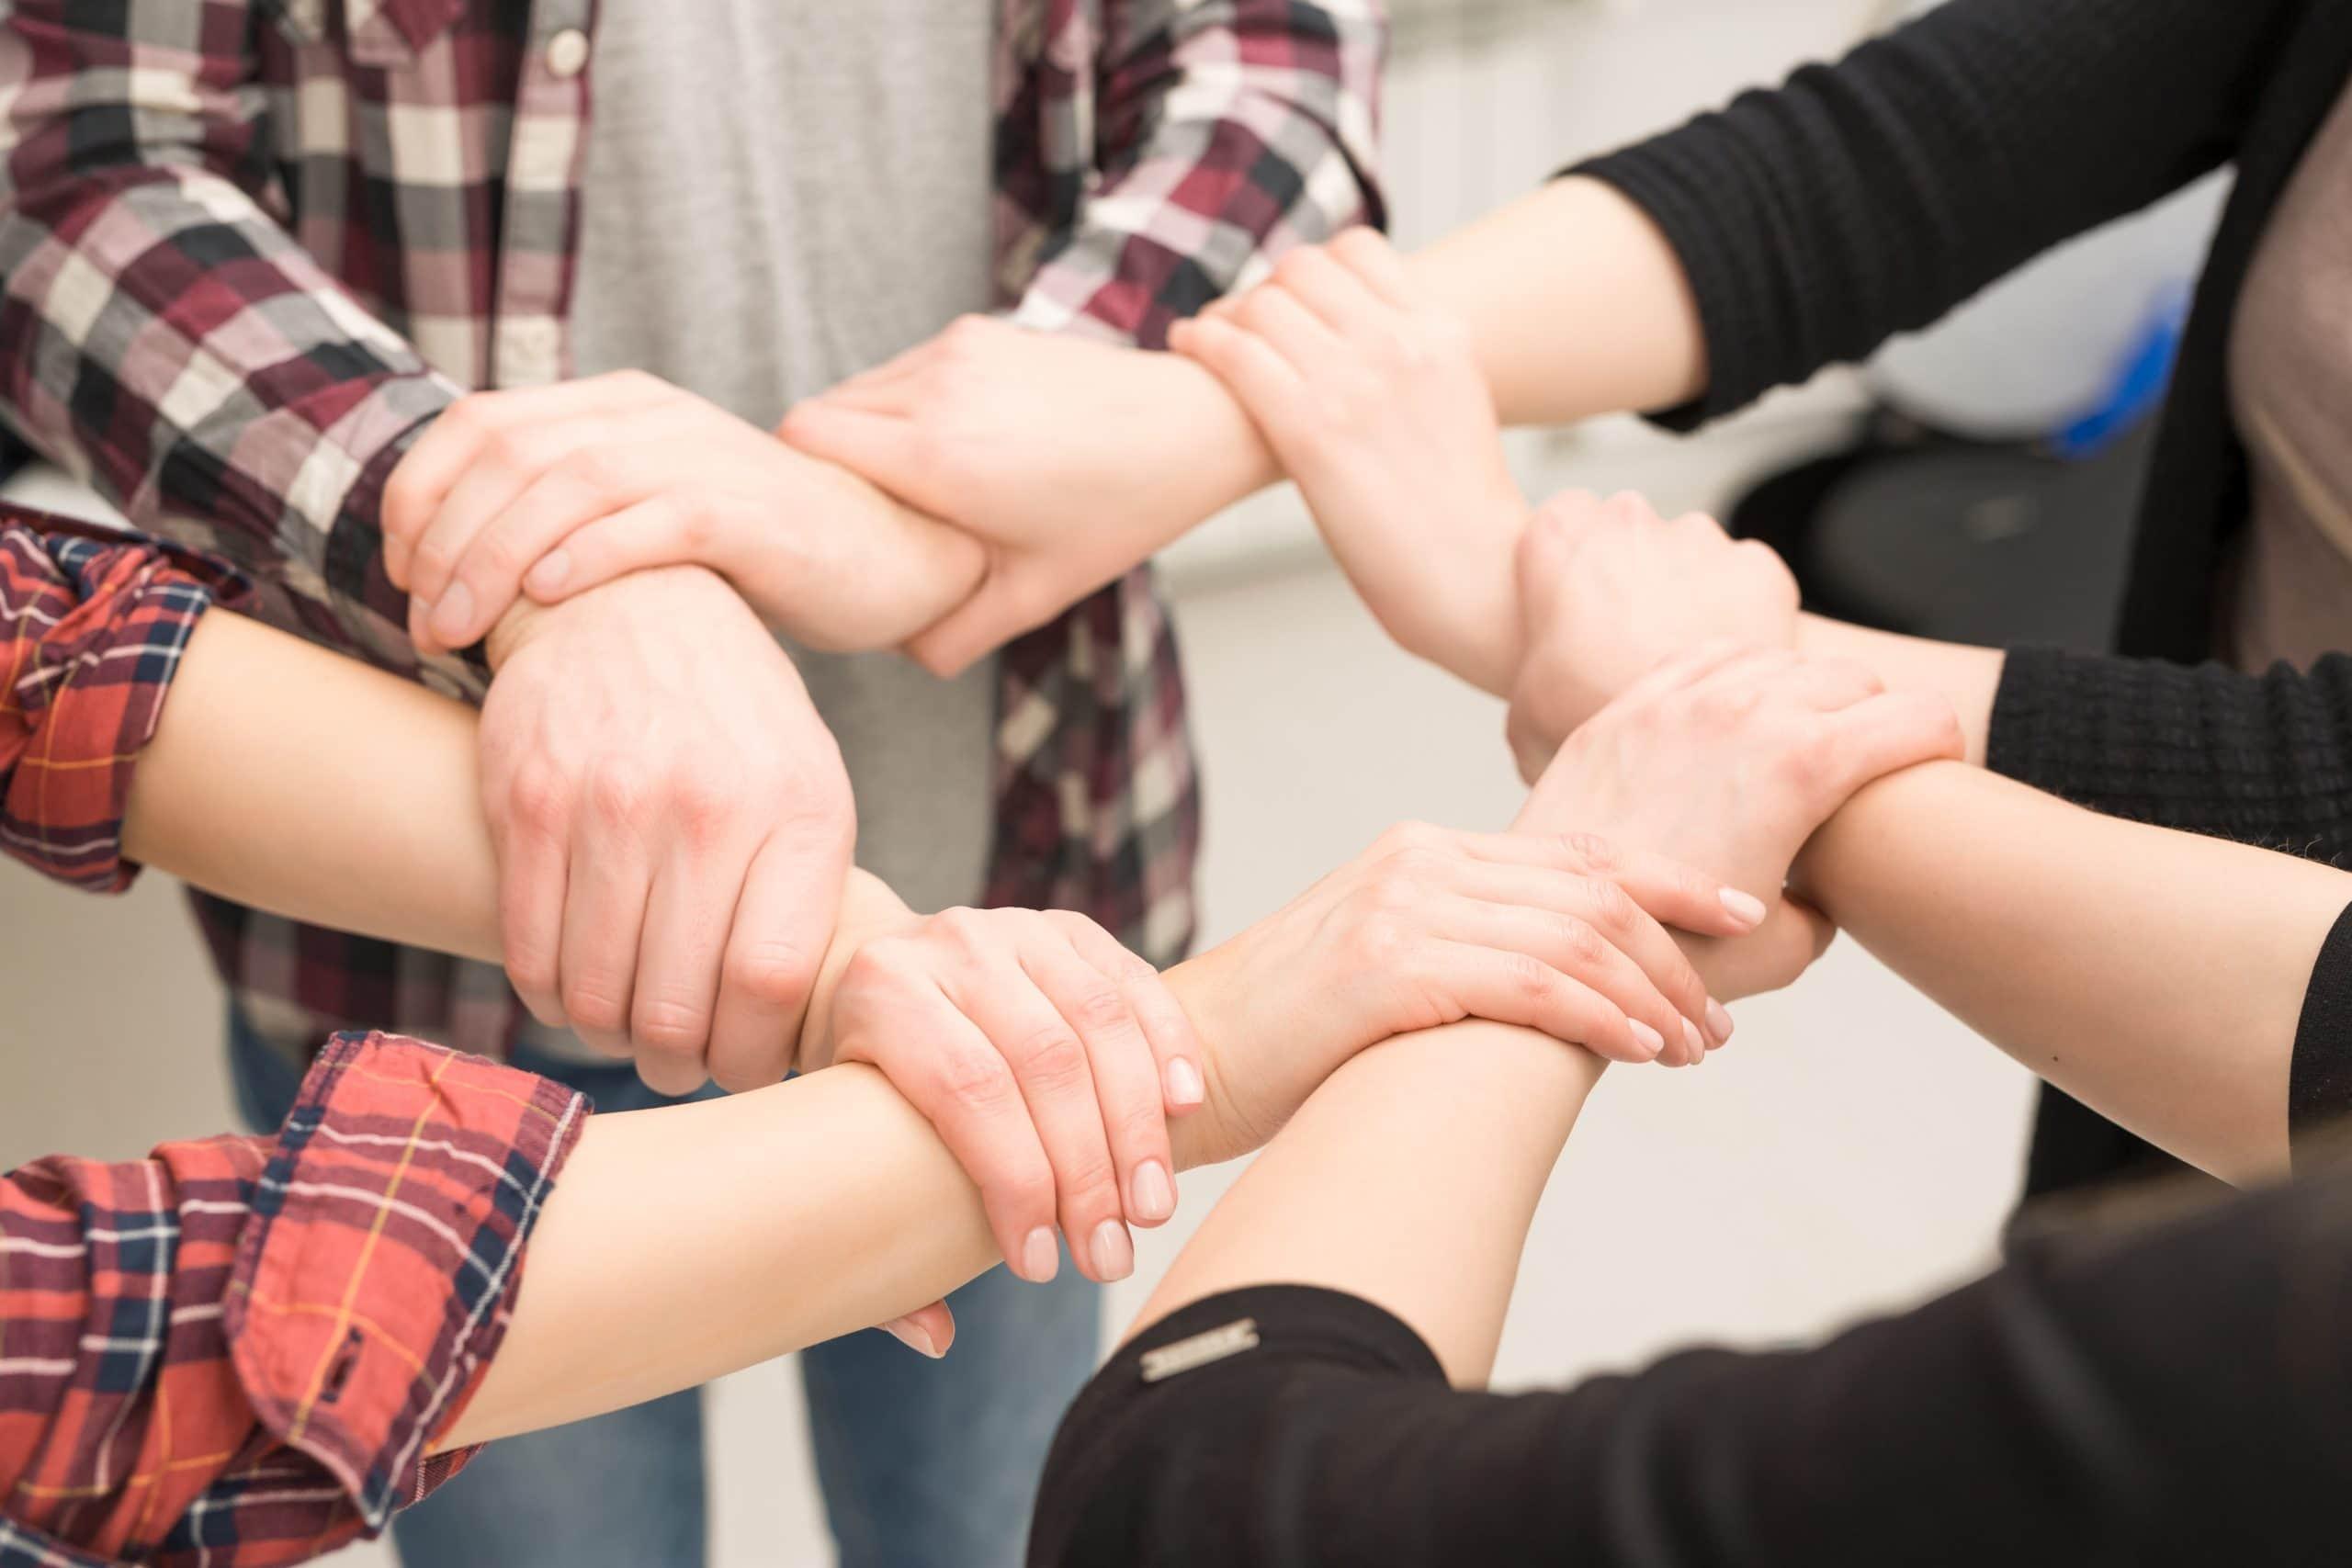 ludzie trzymający się za ręce